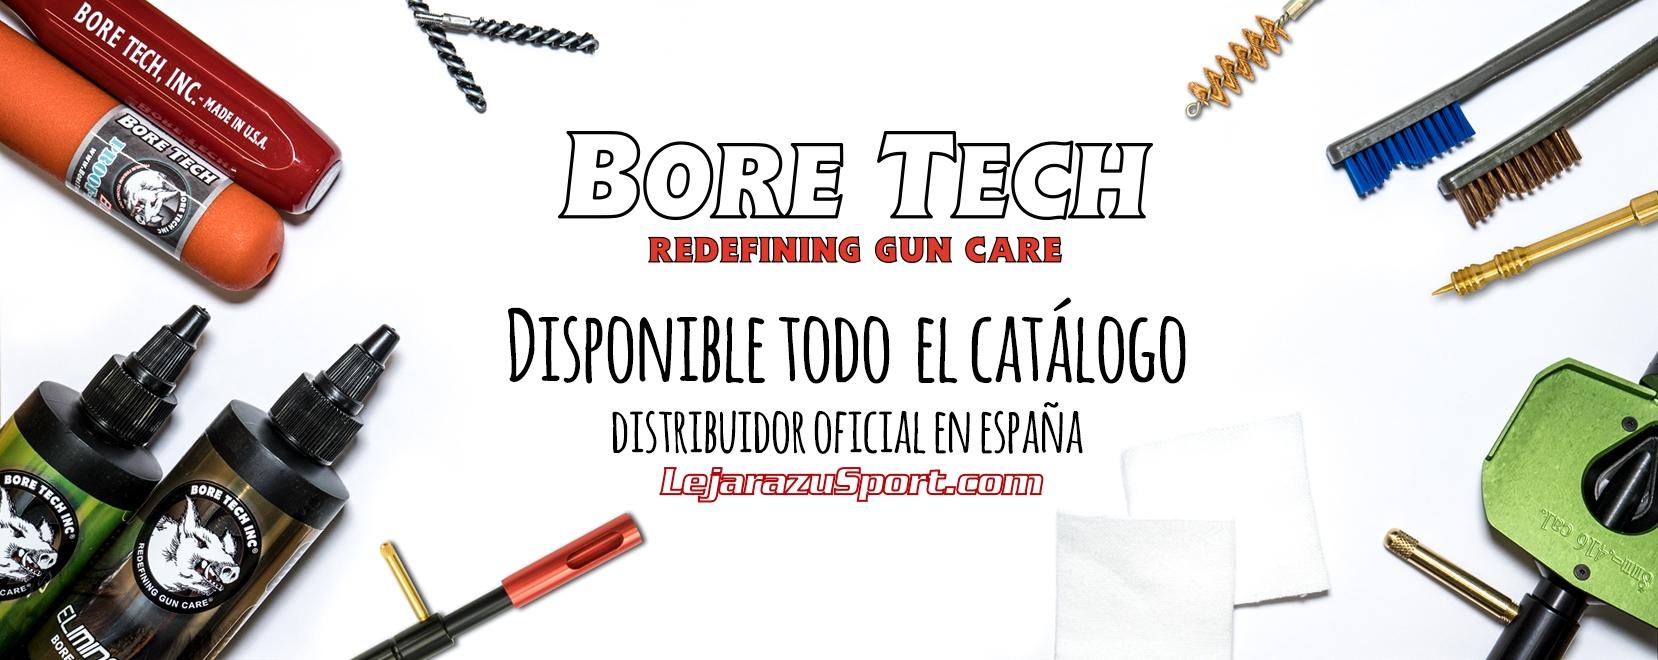 Comprar Boretech en LejarazuSport.com